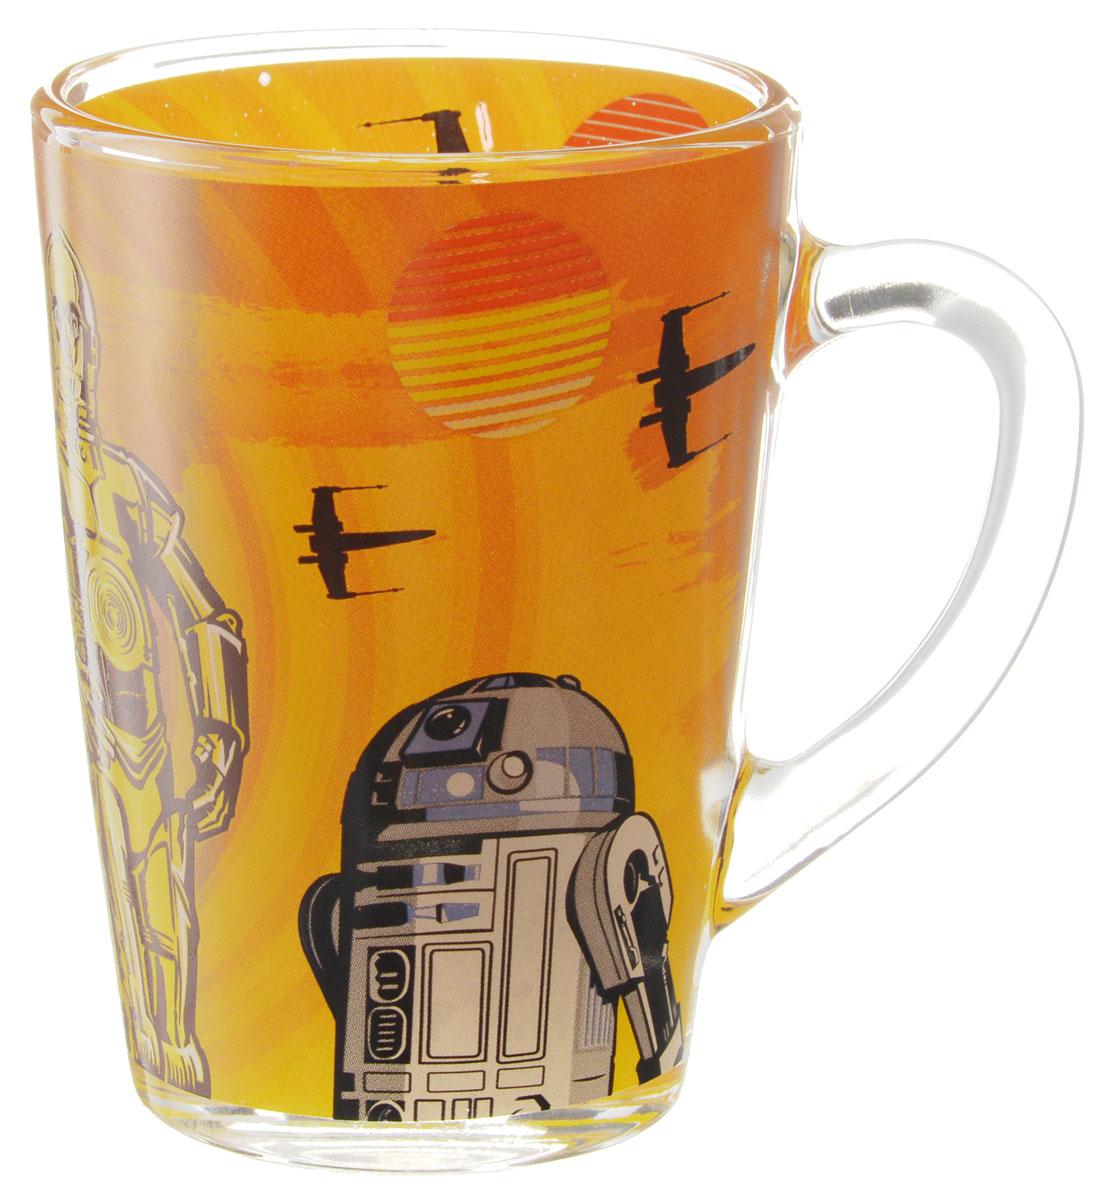 Star Wars Кружка детская Роботы 300 млSWG0102Детская кружка Star Wars Роботы с любимыми героями станет отличным подарком для вашего ребенка. Она выполнена из стекла и оформлена изображением героев киновселенной Звездные войны. Кружка дополнена удобной ручкой. Такой подарок станет не только приятным, но и практичным сувениром: кружка будет незаменимым атрибутом чаепития, а оригинальное оформление кружки добавит ярких эмоций и хорошего настроения. Можно использовать в посудомоечной машине.